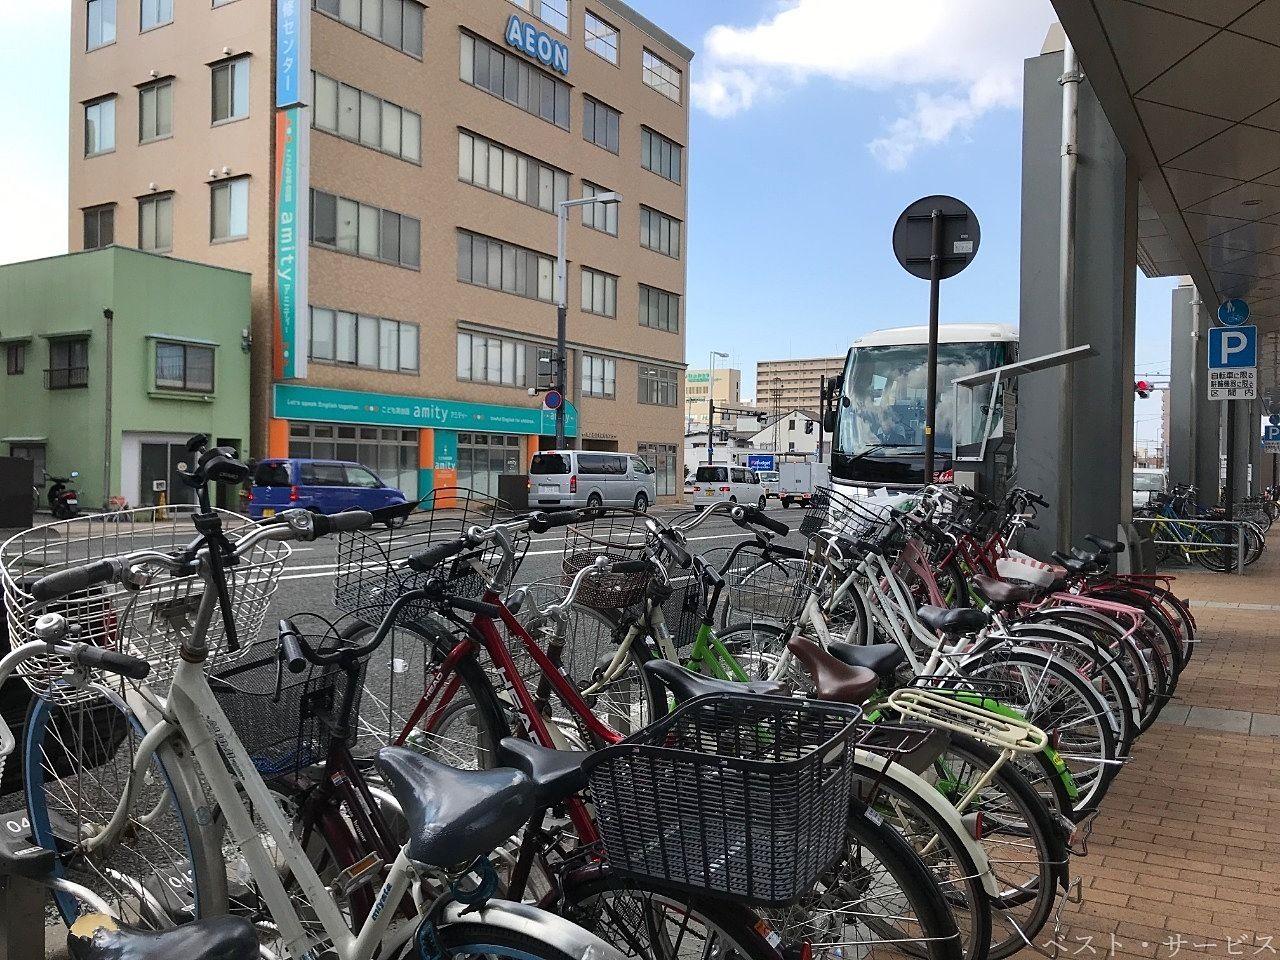 自転車が整然と並んでいると見た目がスッキリです